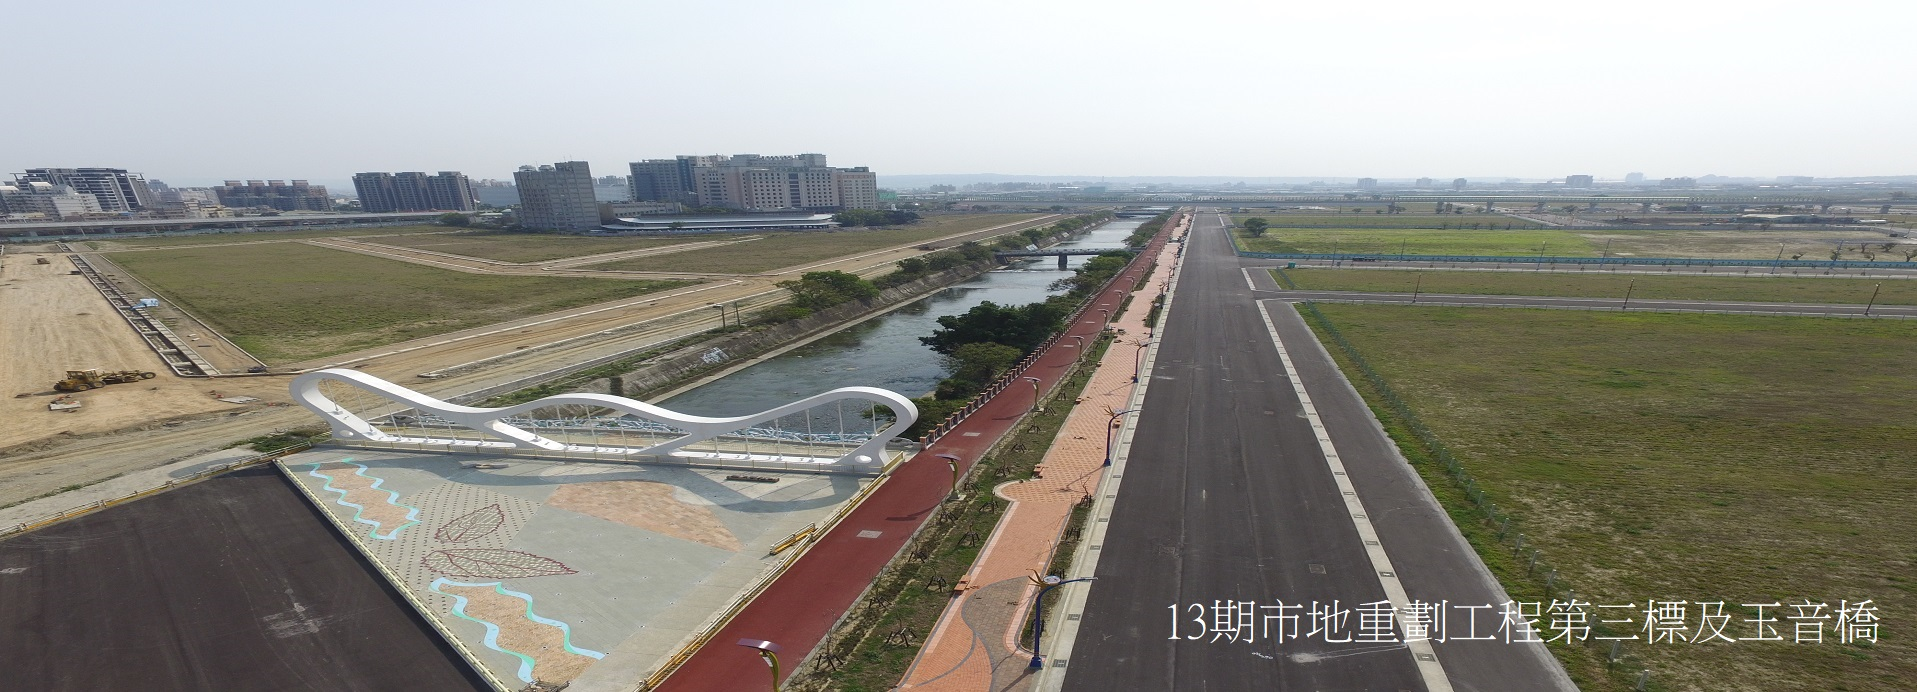 13期市地重劃工程第三標及玉音橋